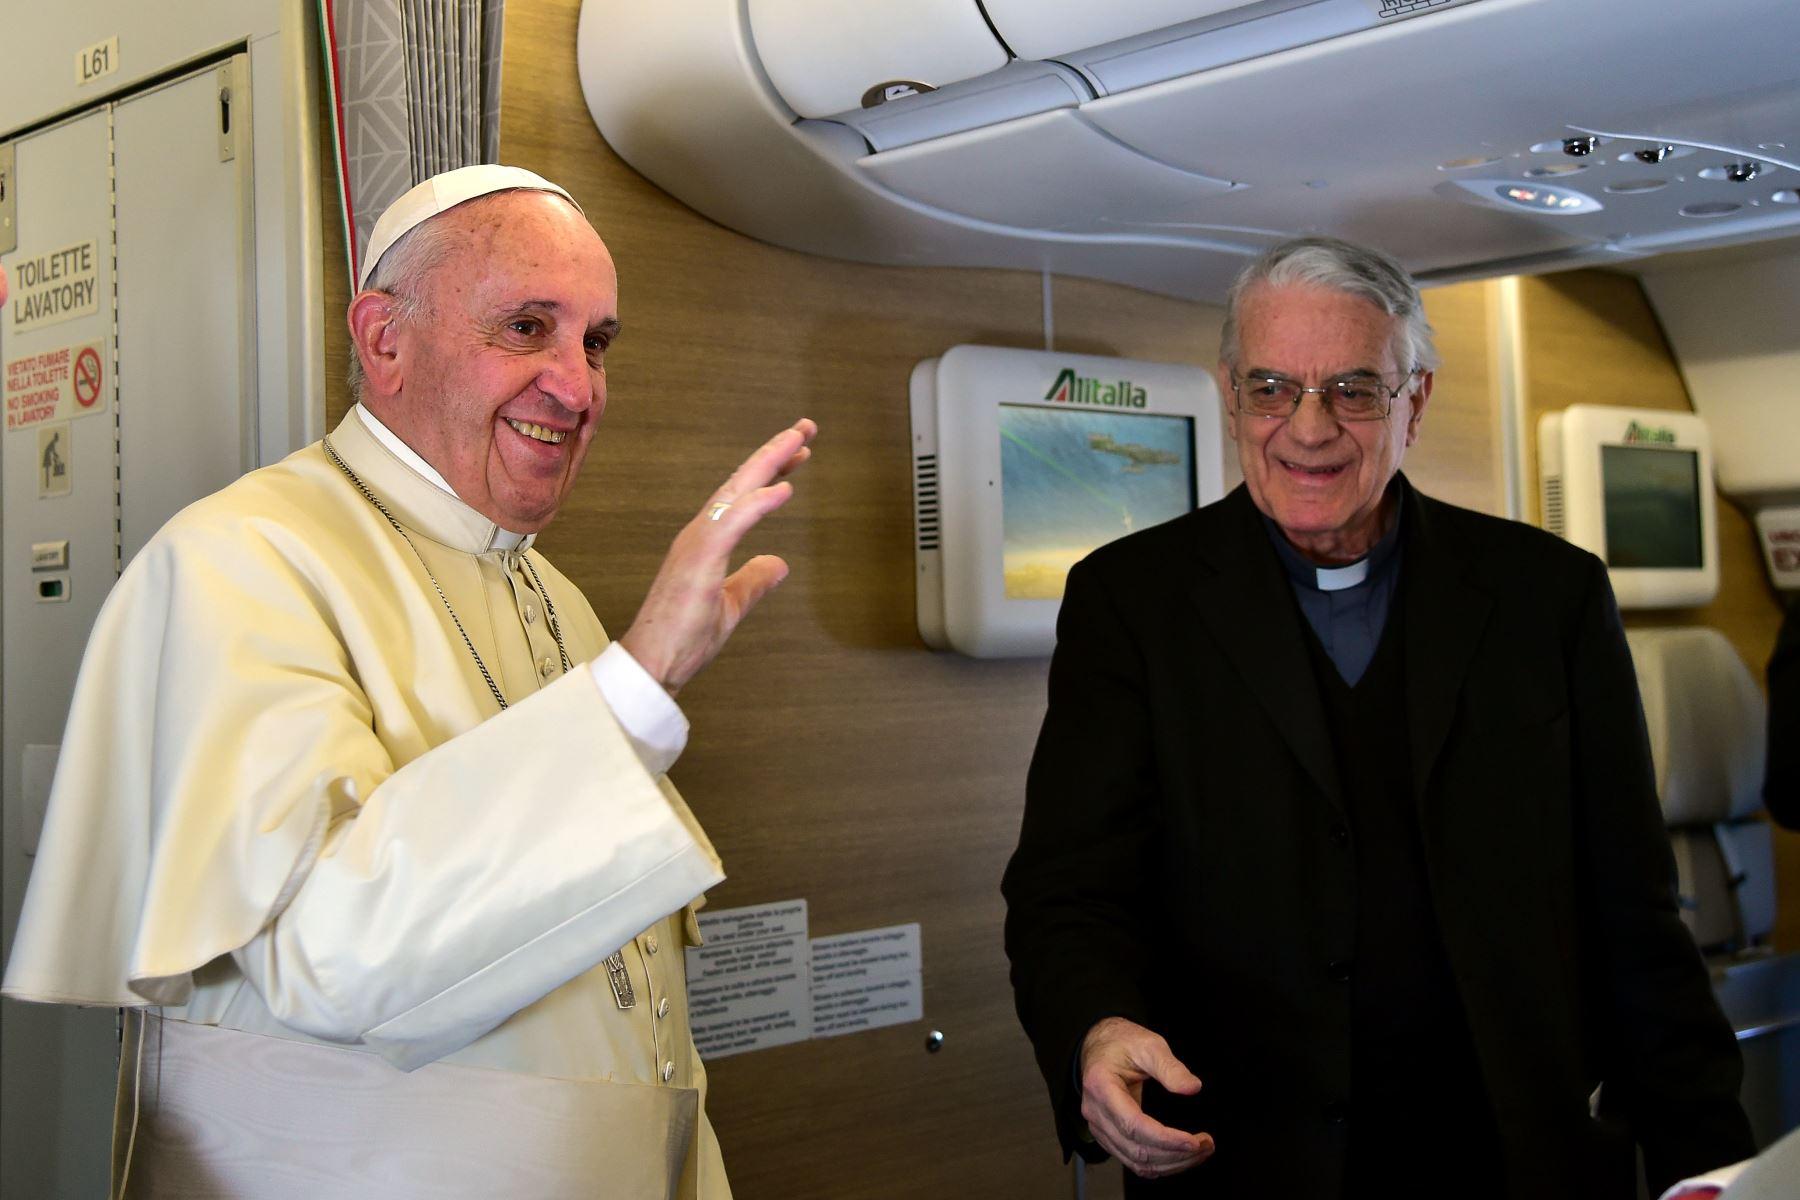 Francisco habla a los periodistas en su vuelo de Roma a Nairobi. El papa salió de Roma con destino a Kenia en la primera etapa de un viaje histórico a África, que está lleno de riesgos de seguridad. Foto: AFP